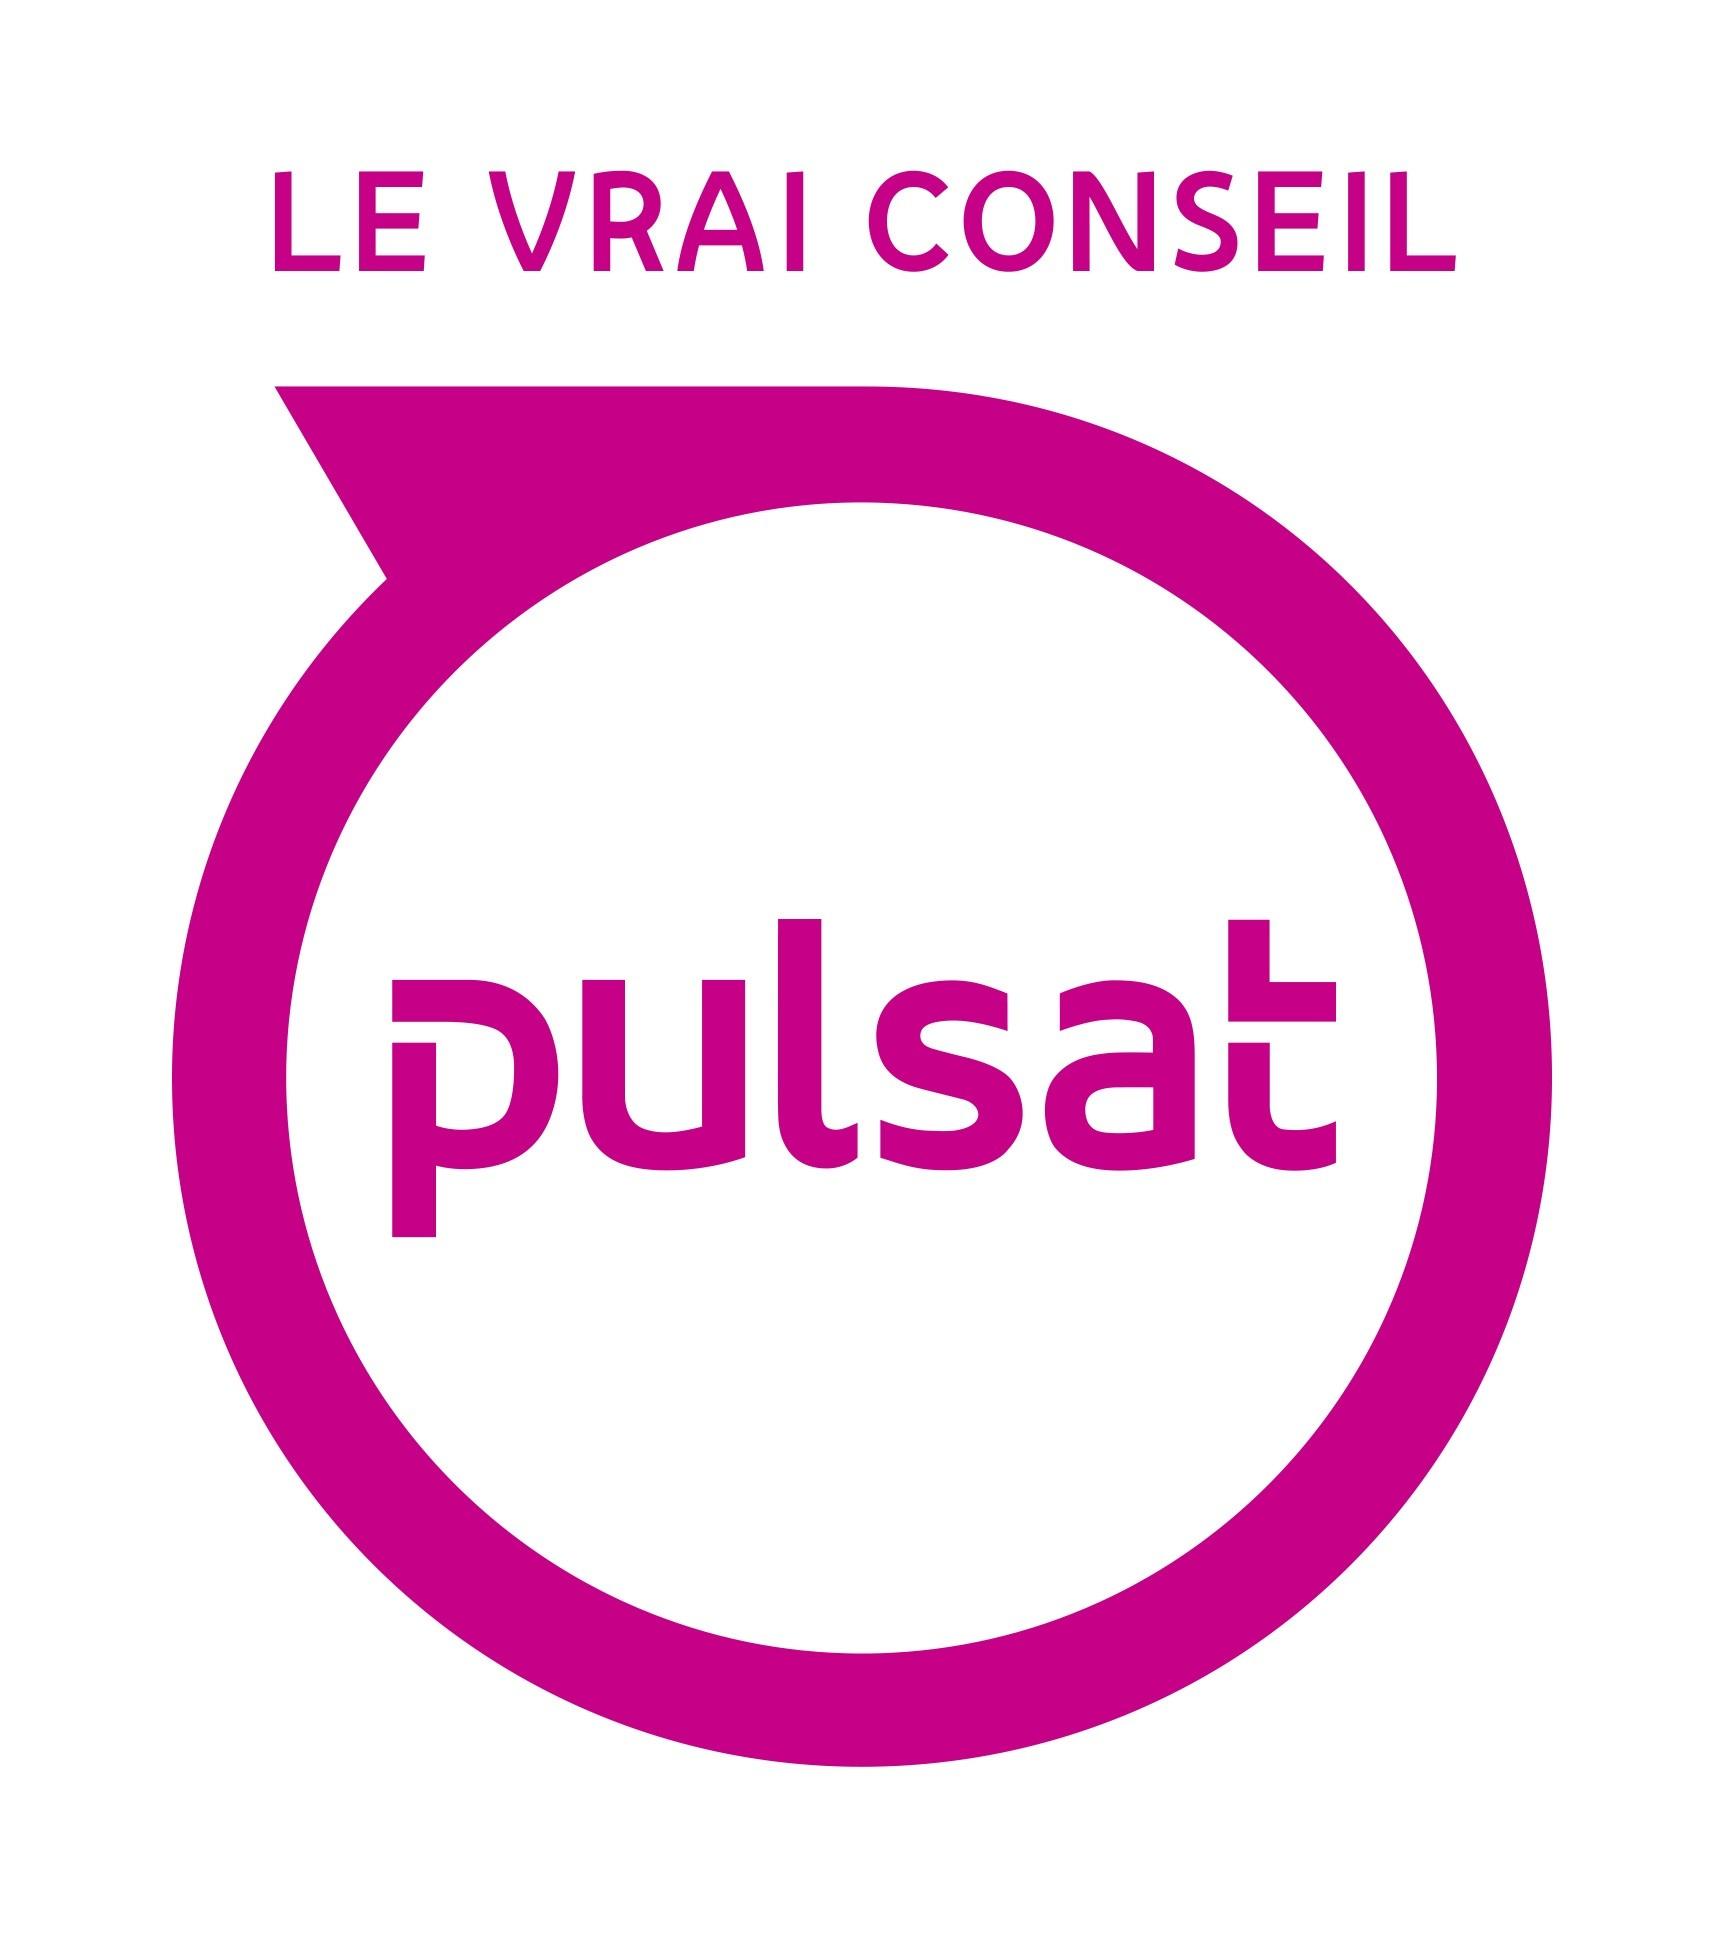 Pulsat - École Supérieure de Commerce, Management et Marketing - ESUP Paris école de commerce en alternance